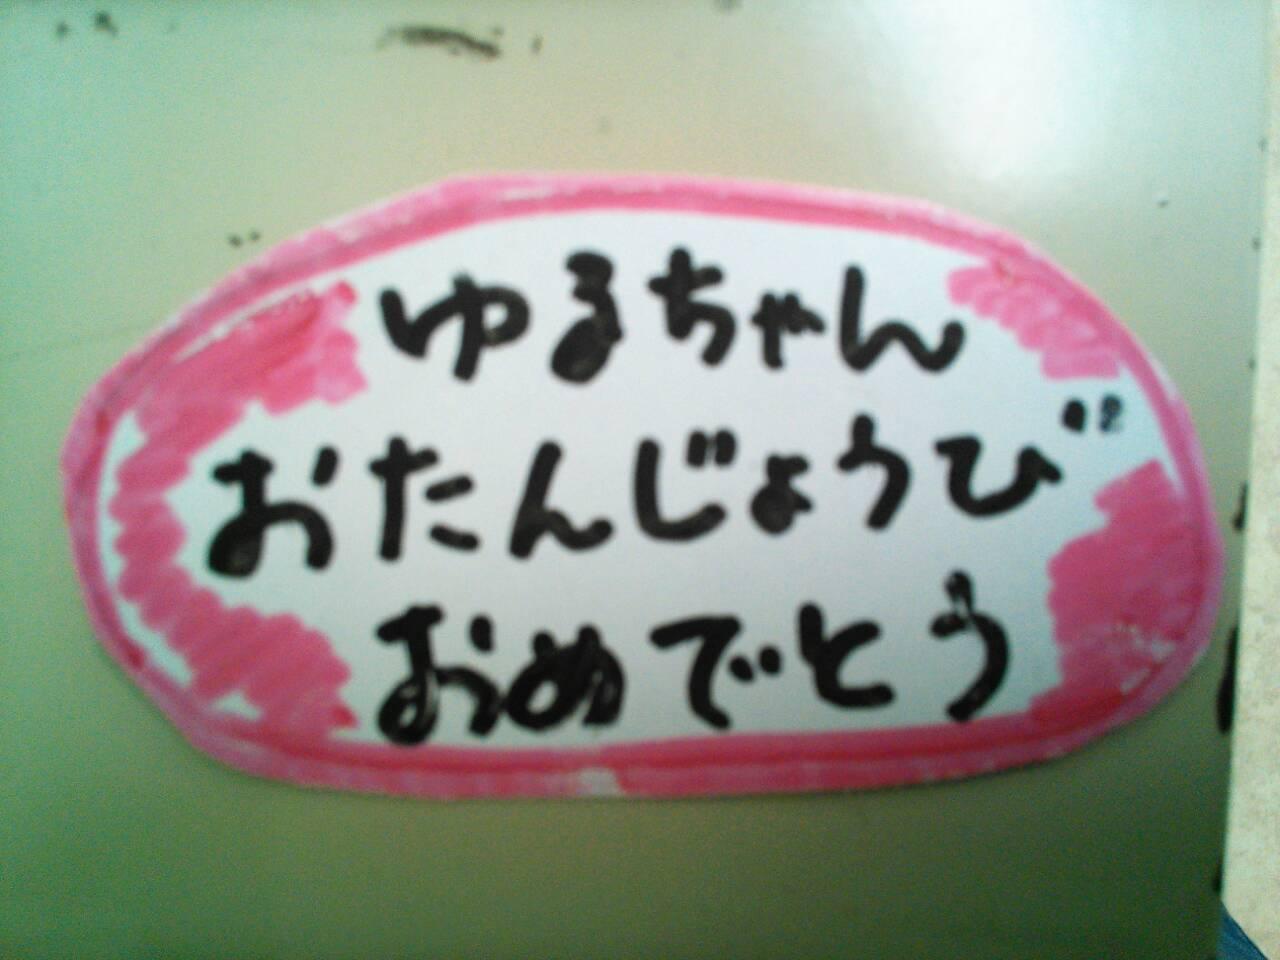 ゆるこちゃんの誕生日!!_a0163623_22182994.jpg